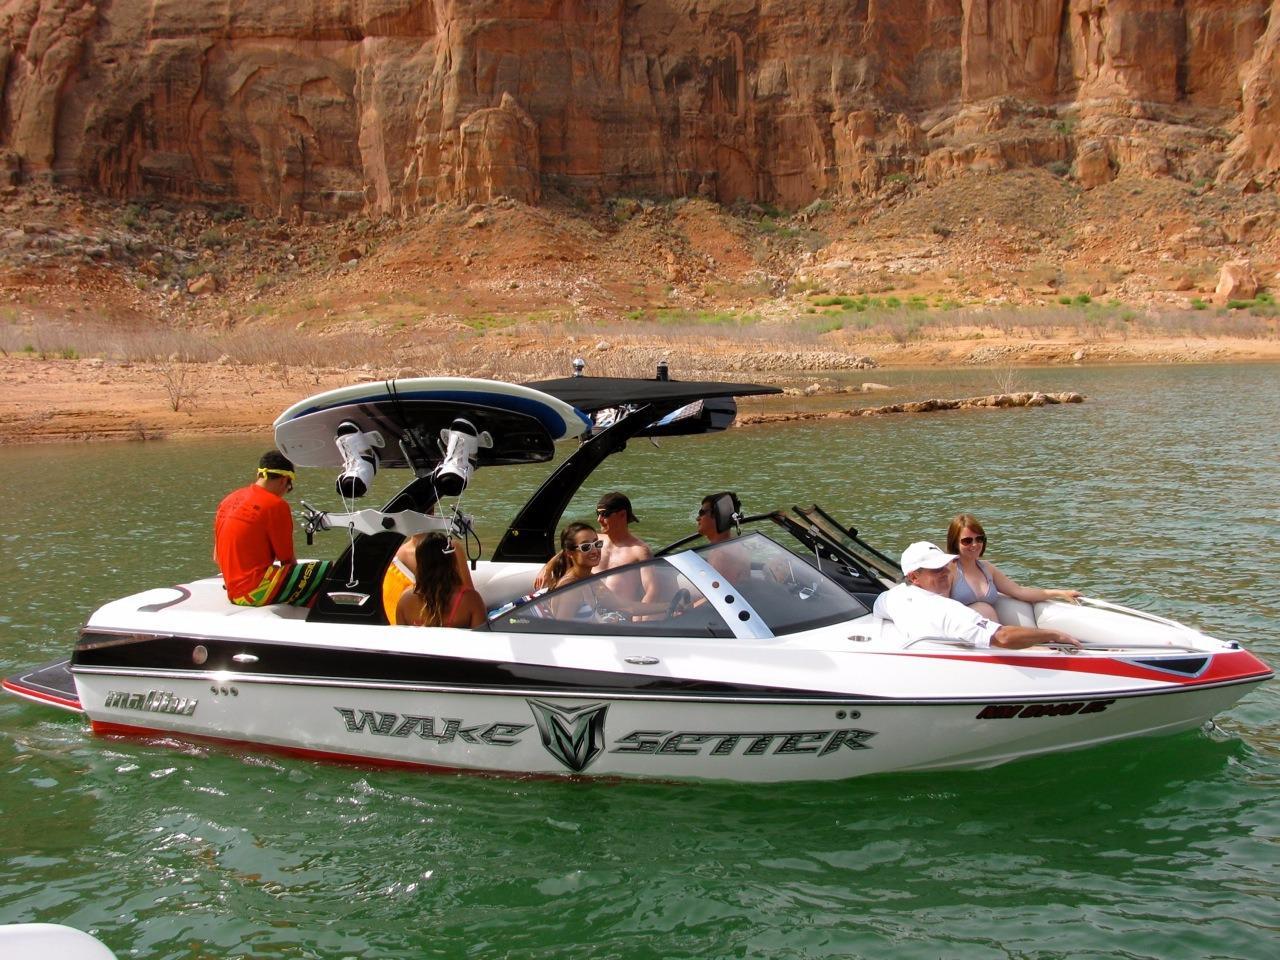 2008 Malibu VTX WAKE SETTER